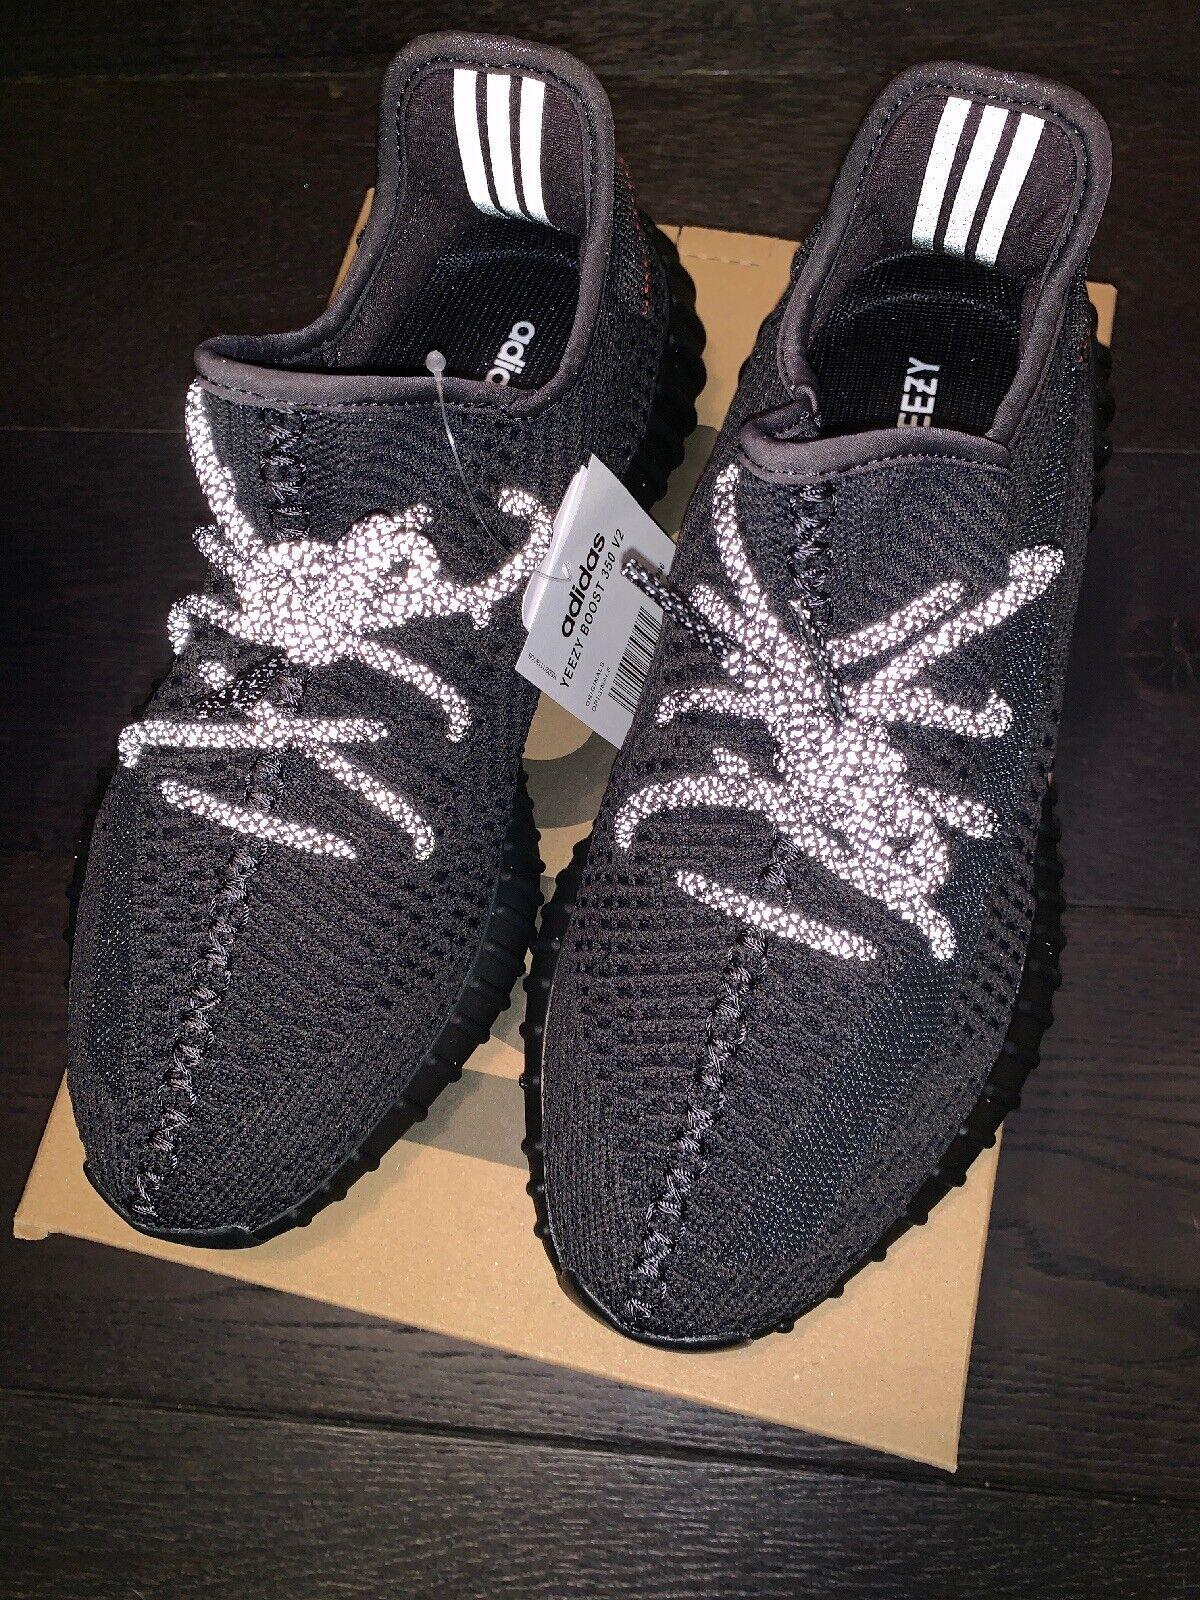 compras en linea Talla ' Estática' Negro V2 350 Boost Yeezy